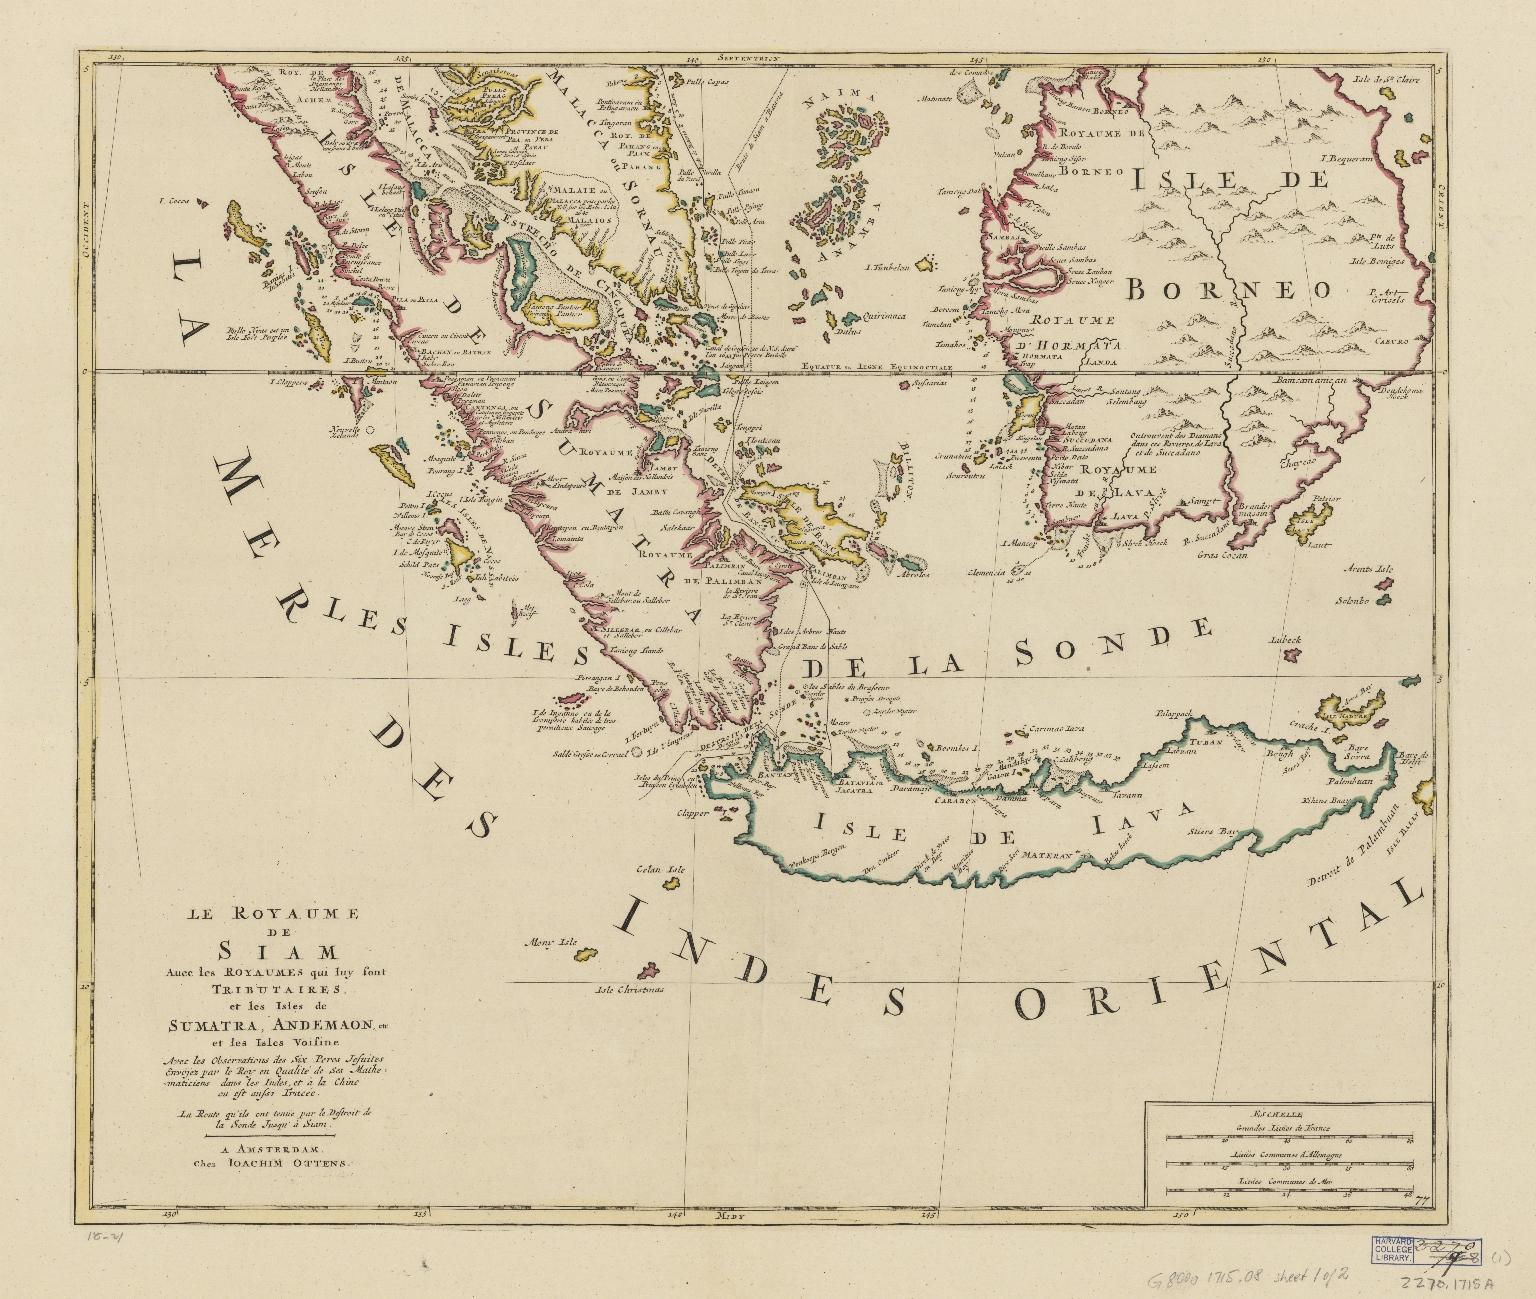 Le royaume de Siam, auec les royaumes qui luy sont tributaires, et les isles de Sumatra, Andemaon, etc., et les isles voisine : avec les observations des six Peres Jesuites envojez par le Roy en qualité de ses mathematiciens dans les Indes, et à la Chine ou est aussi tracée la route qu'ils ont tenüe par le Destroit de la Sonde jusqu'à Siam. Part 2